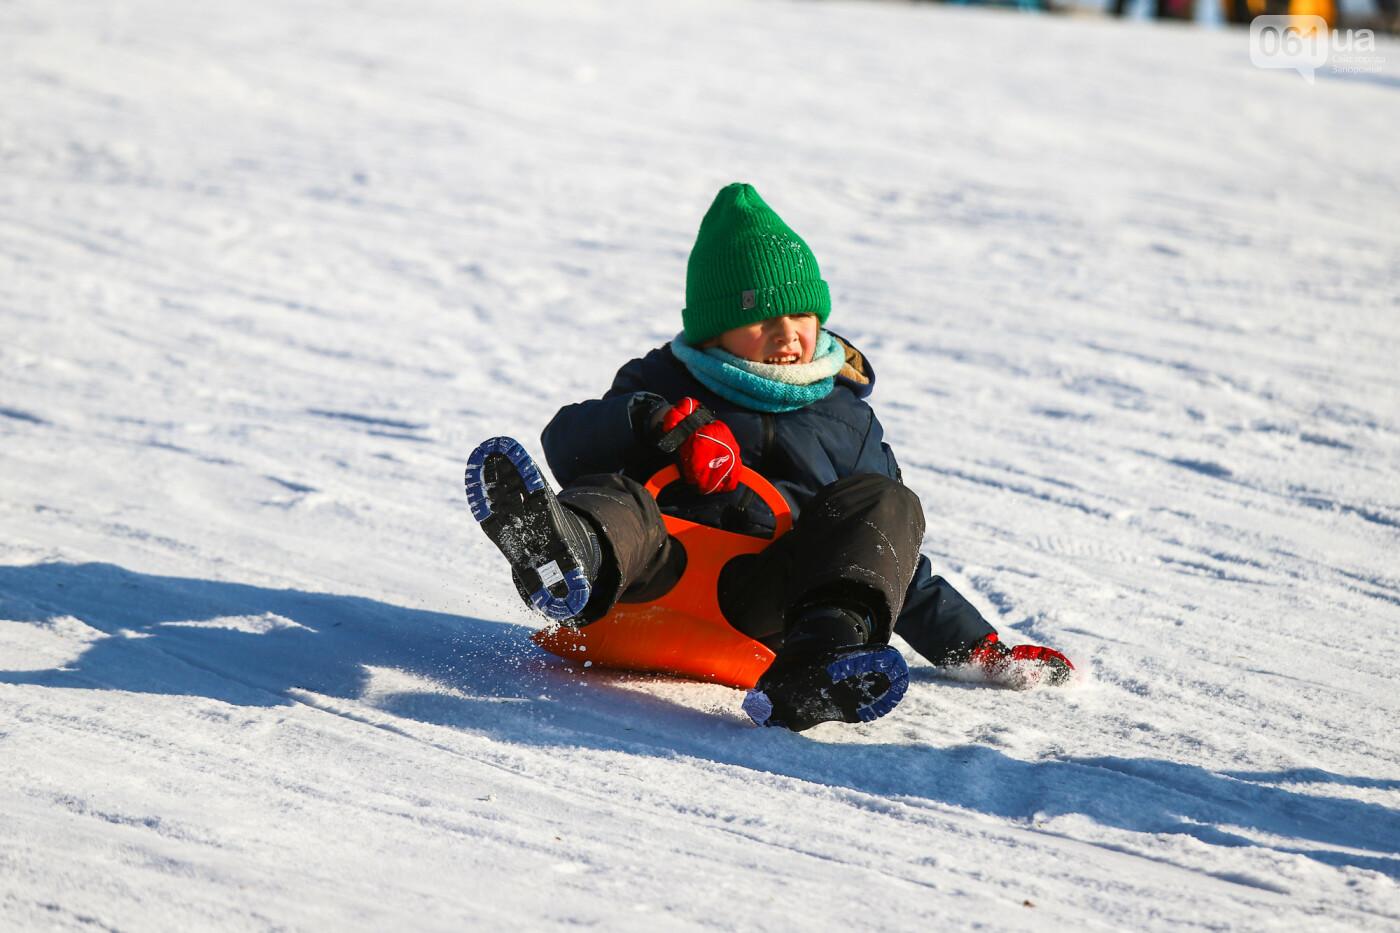 На санках, лыжах и сноуборде: запорожцы устроили массовое катание с горок в Вознесеновском парке, - ФОТОРЕПОРТАЖ, фото-8